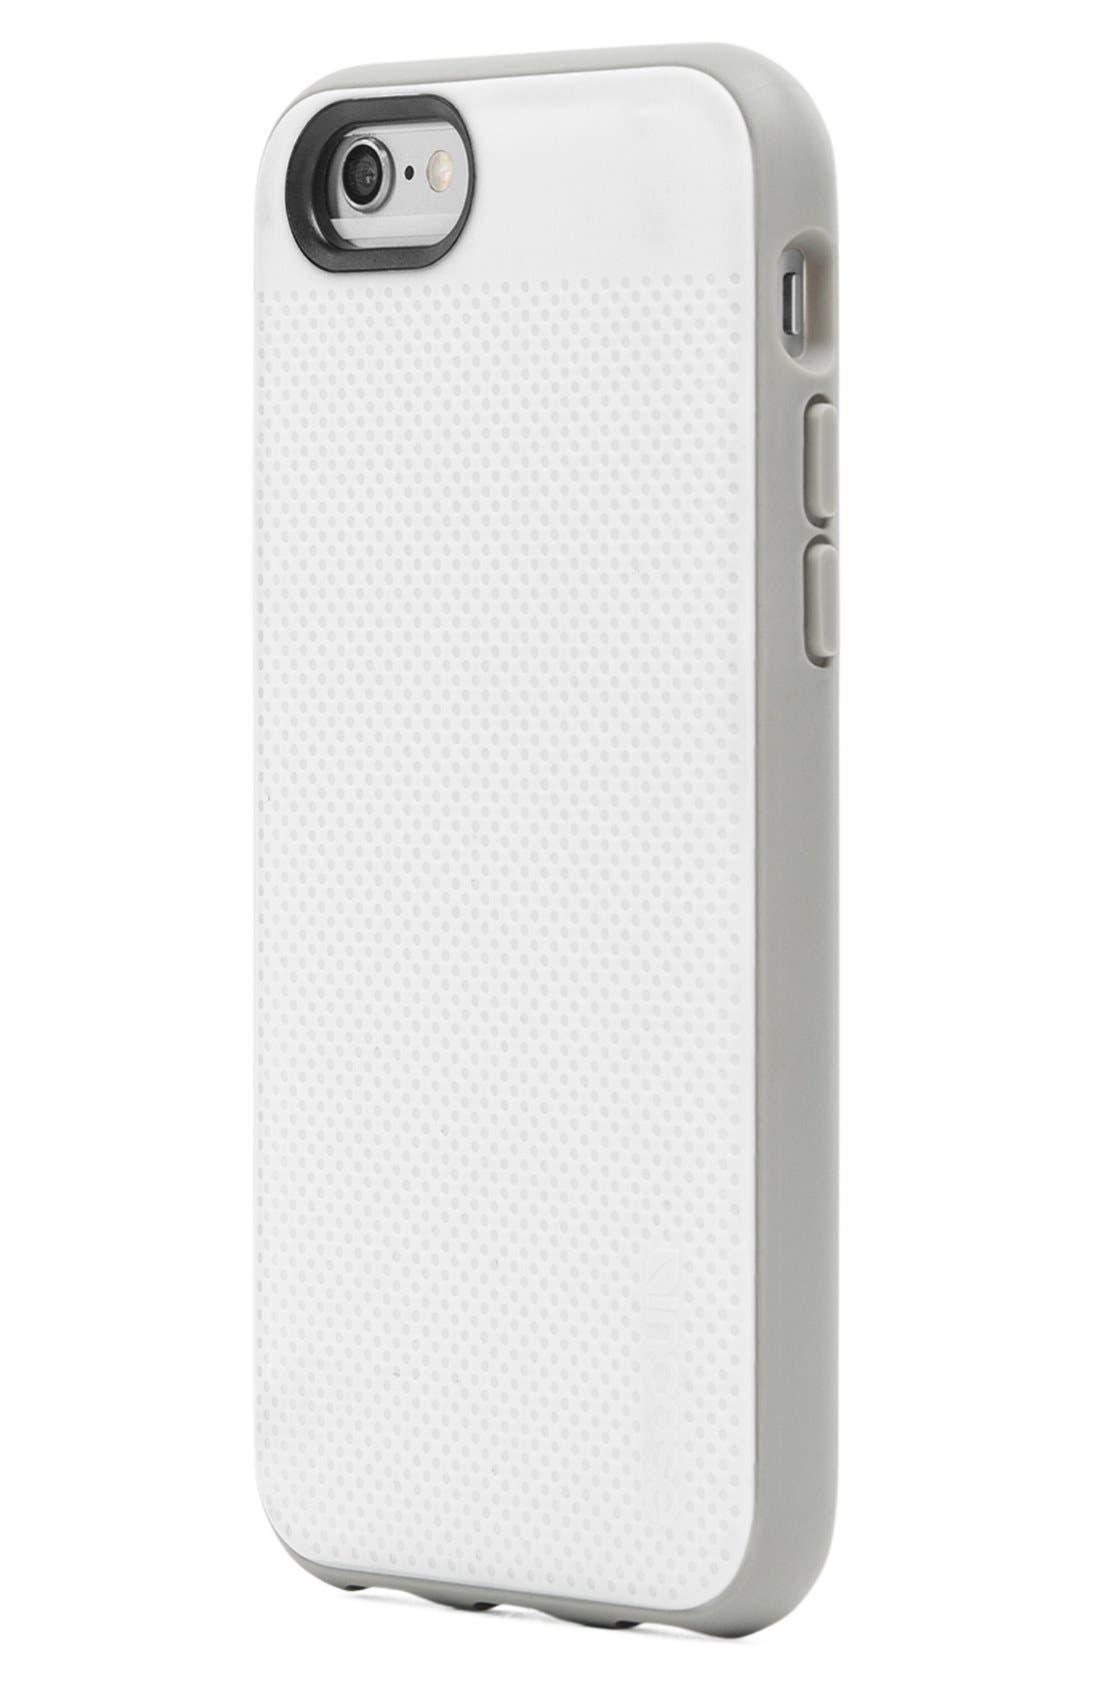 Main Image - Incase Designs Icon iPhone 6/6s Case